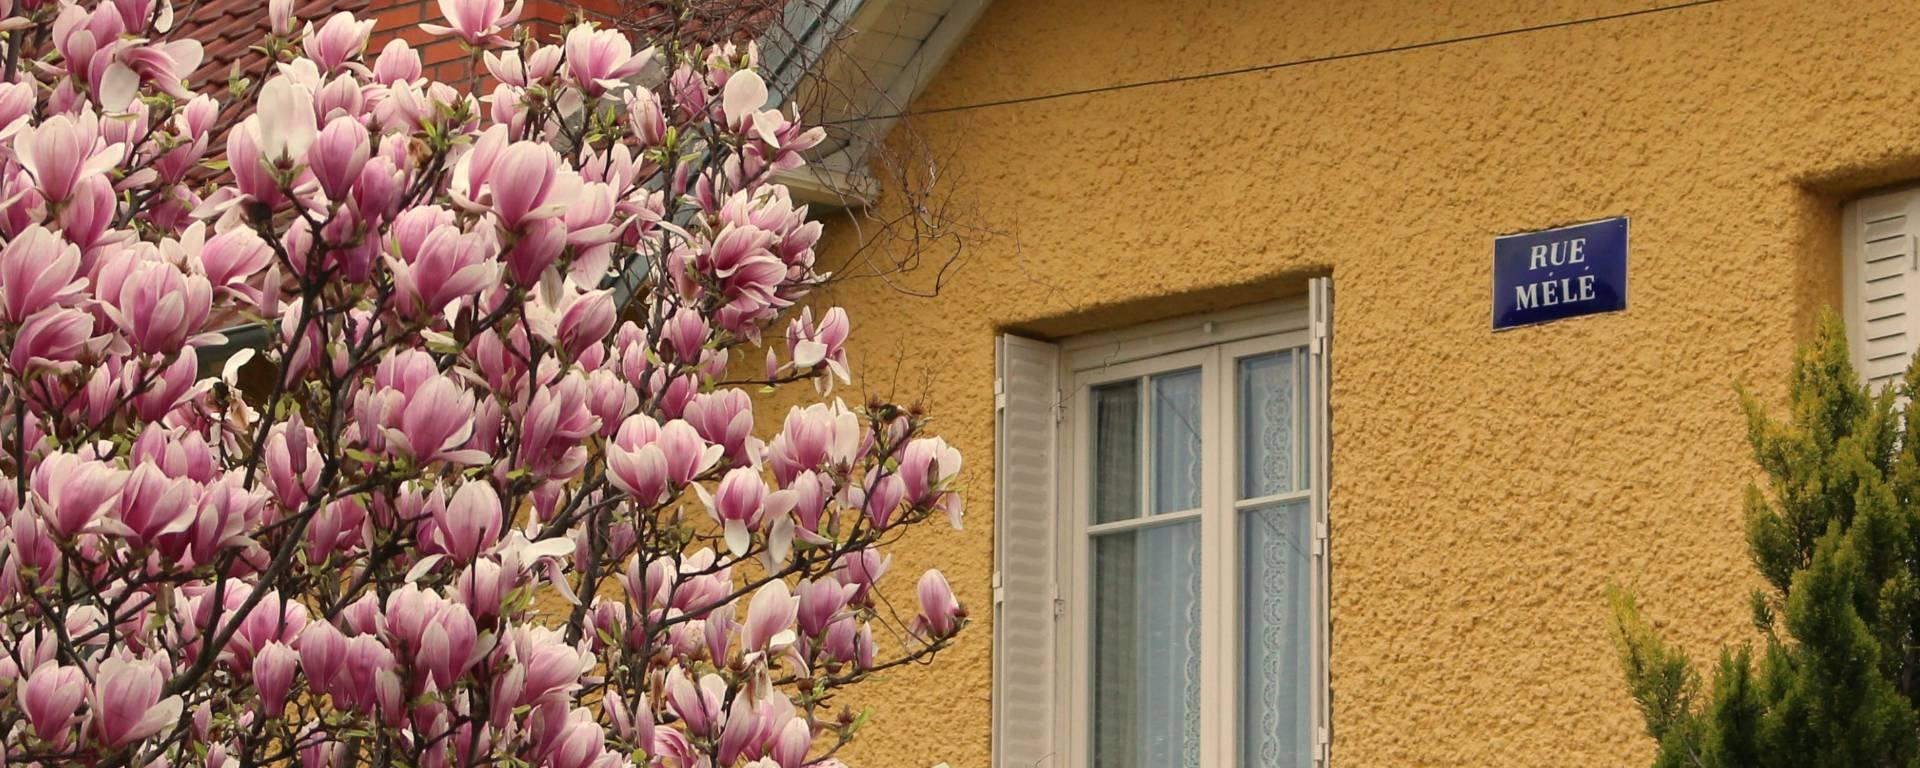 Maison colorée de la cité-jardin de Stains